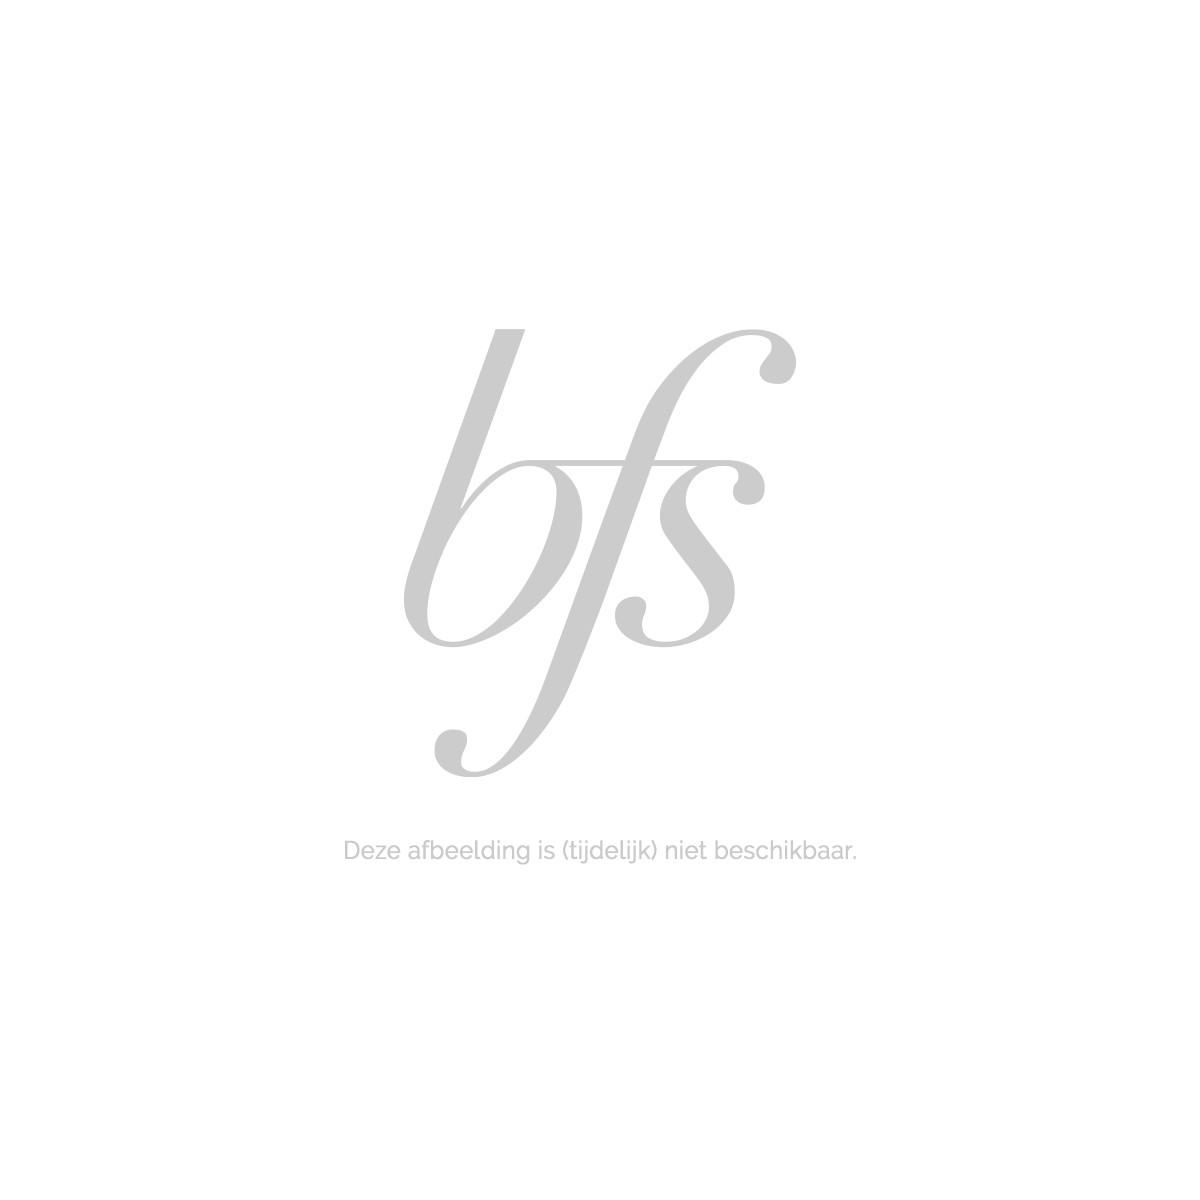 Bvlgari Rose Goldea Eau de Parfum 25 ml